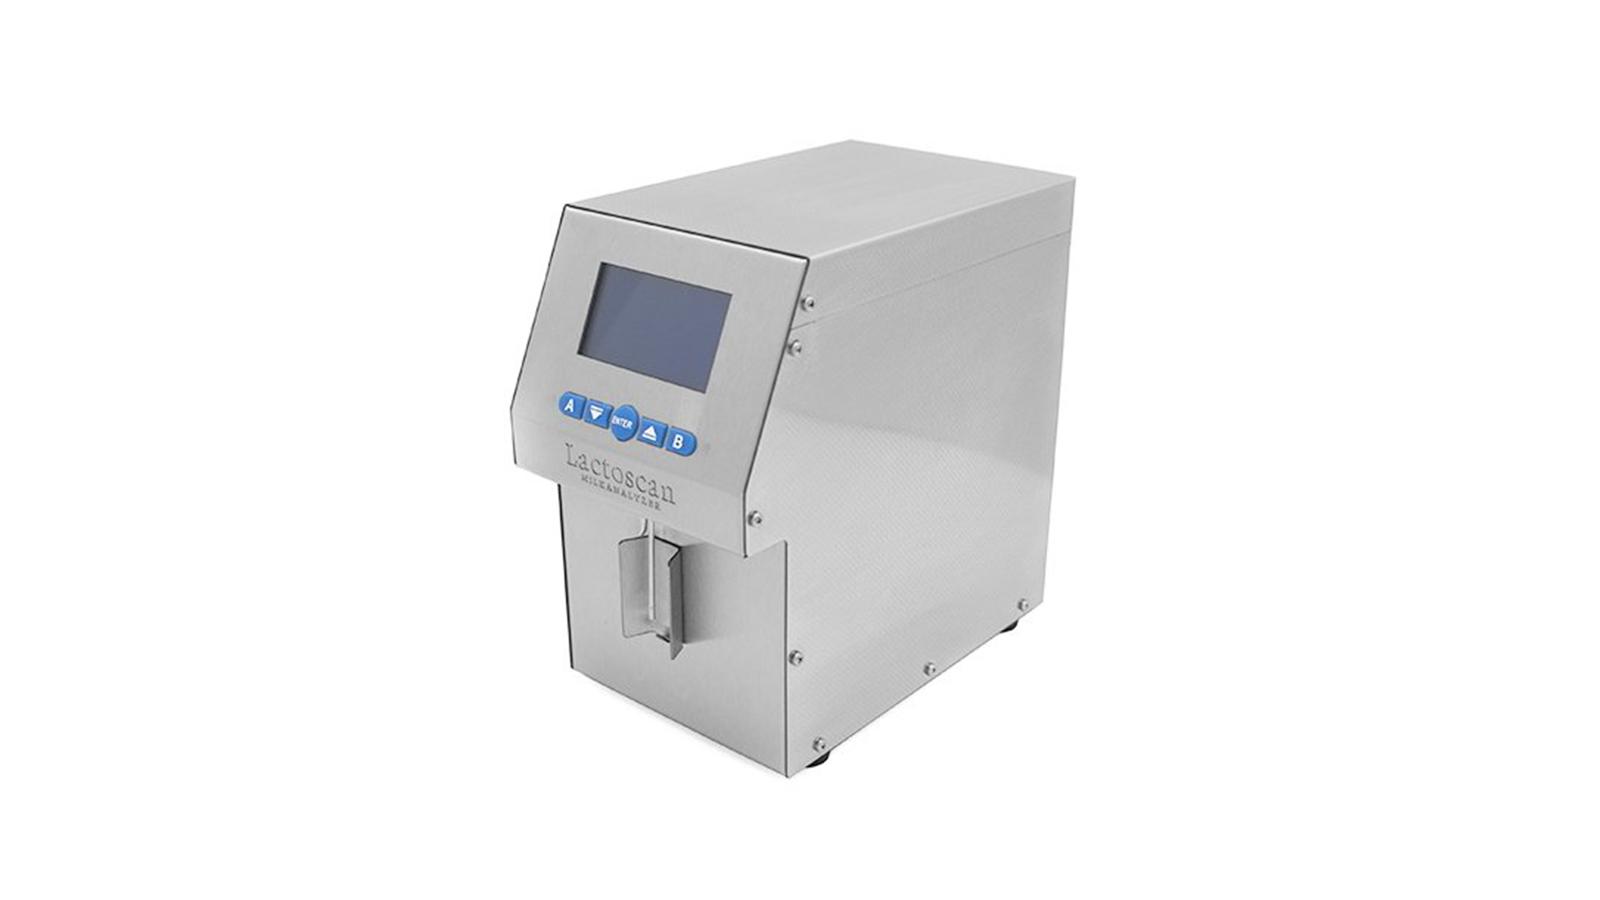 S Ultrasonik Süt Analiz Cihazı  || Merlab Laboratuvar Ekipmanları